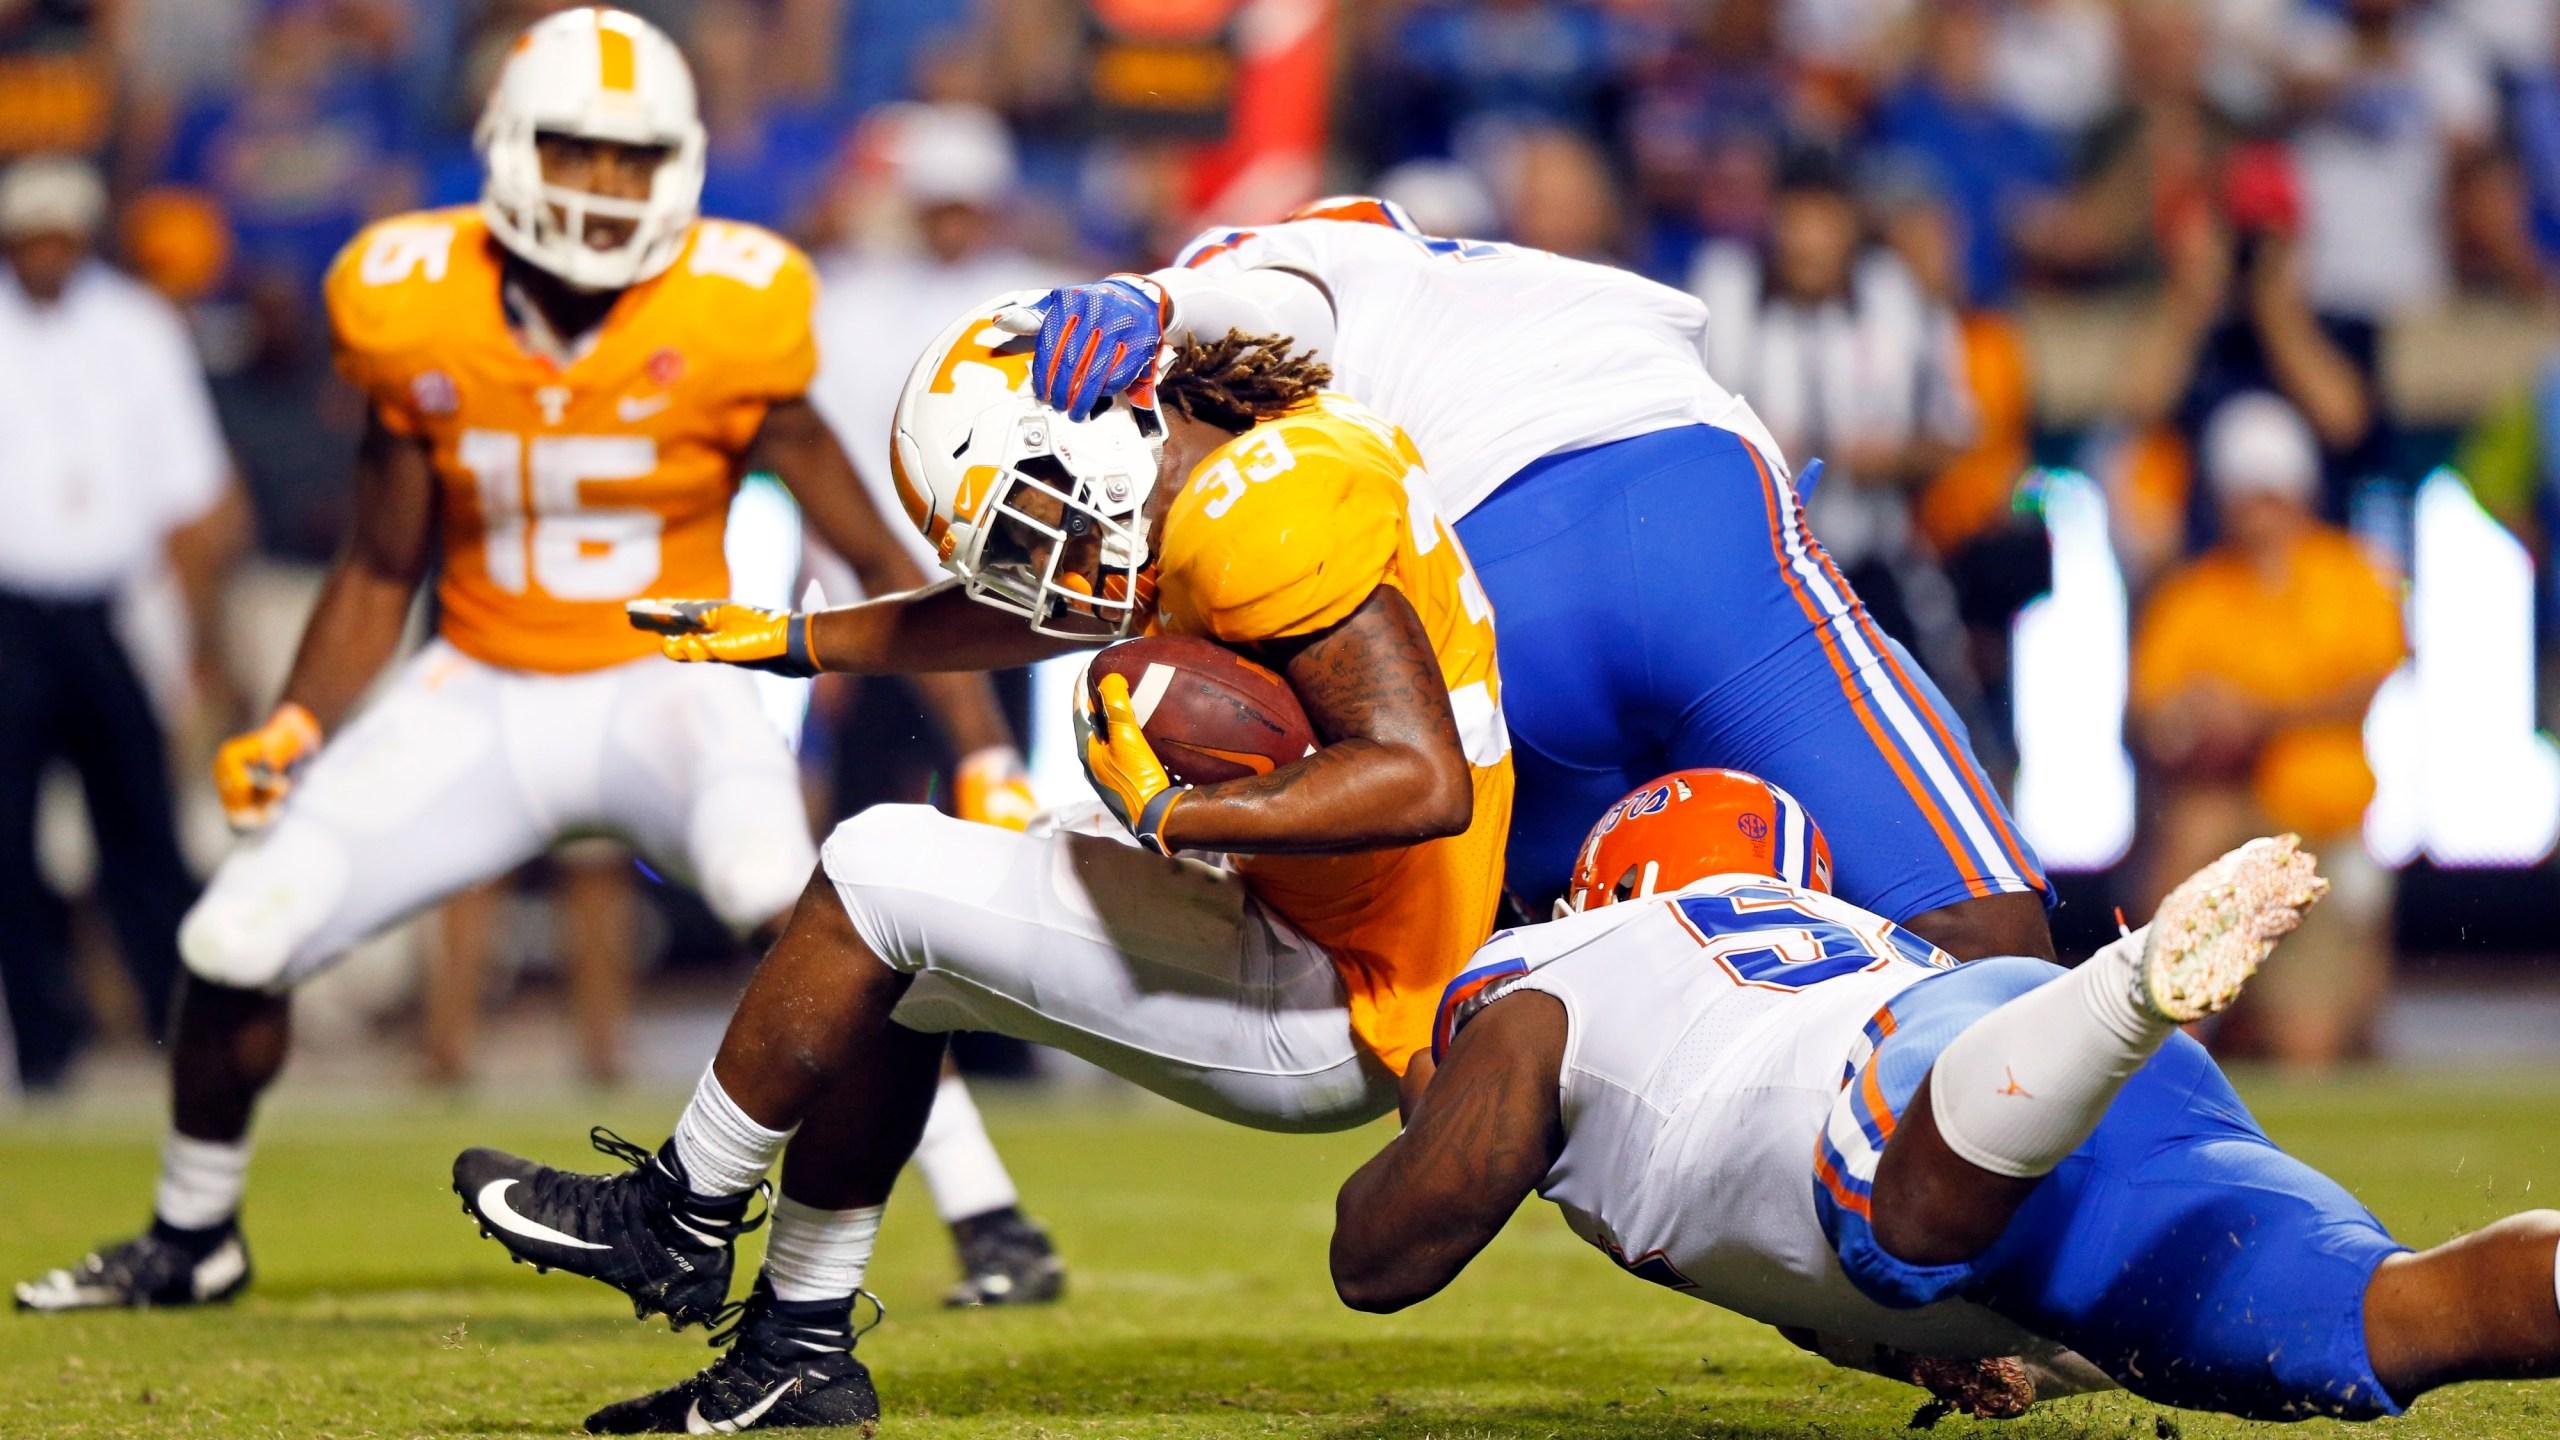 Florida Tennessee Football_1537672252451